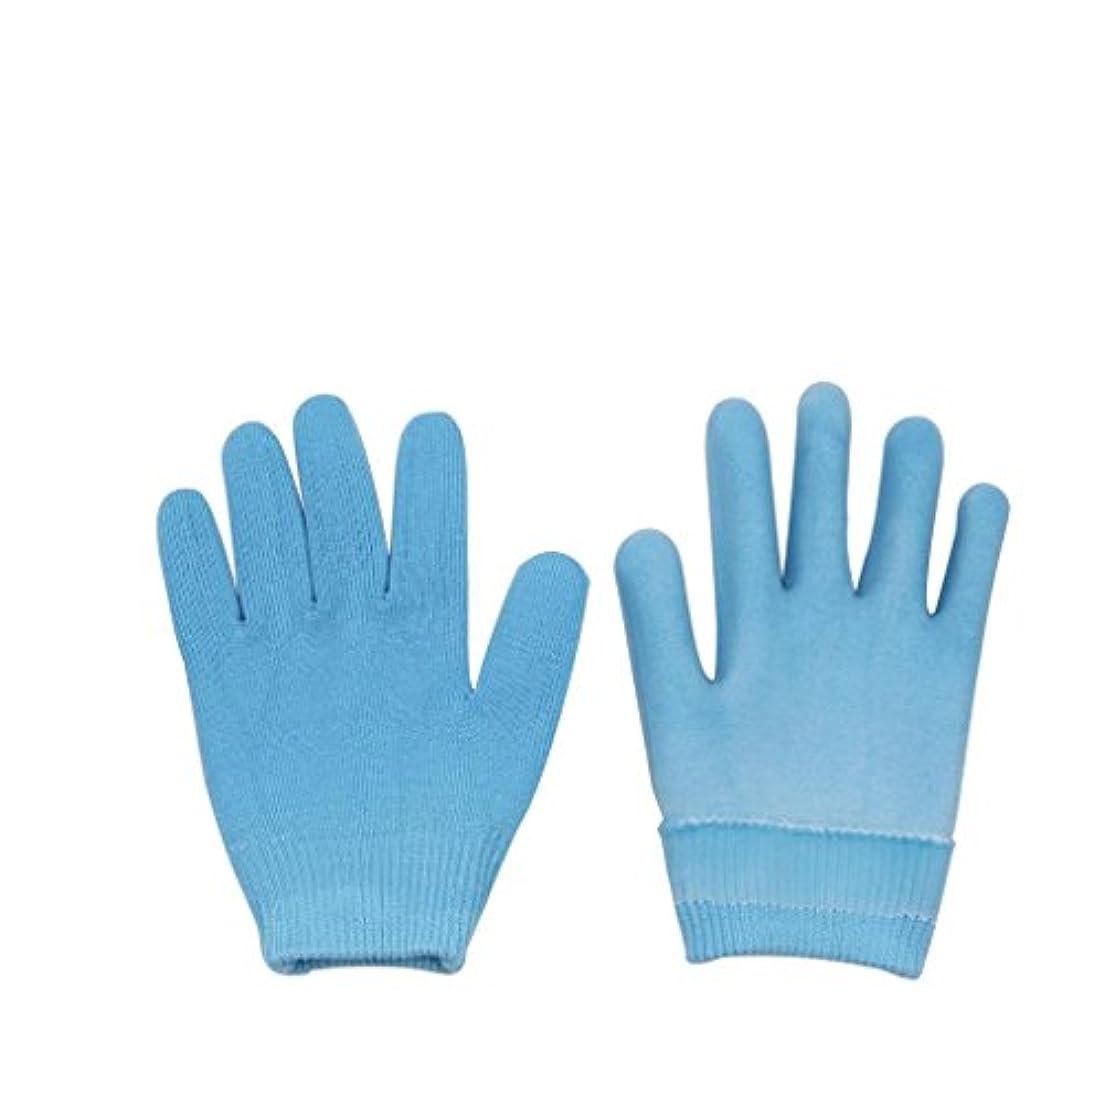 裏切る露出度の高い広告するLovoski 保湿手袋 おやすみ手袋 手袋 手湿疹 乾燥防止 手荒れ 保湿 スキンケア  メンズ レディース 全3色選べ - ブルー